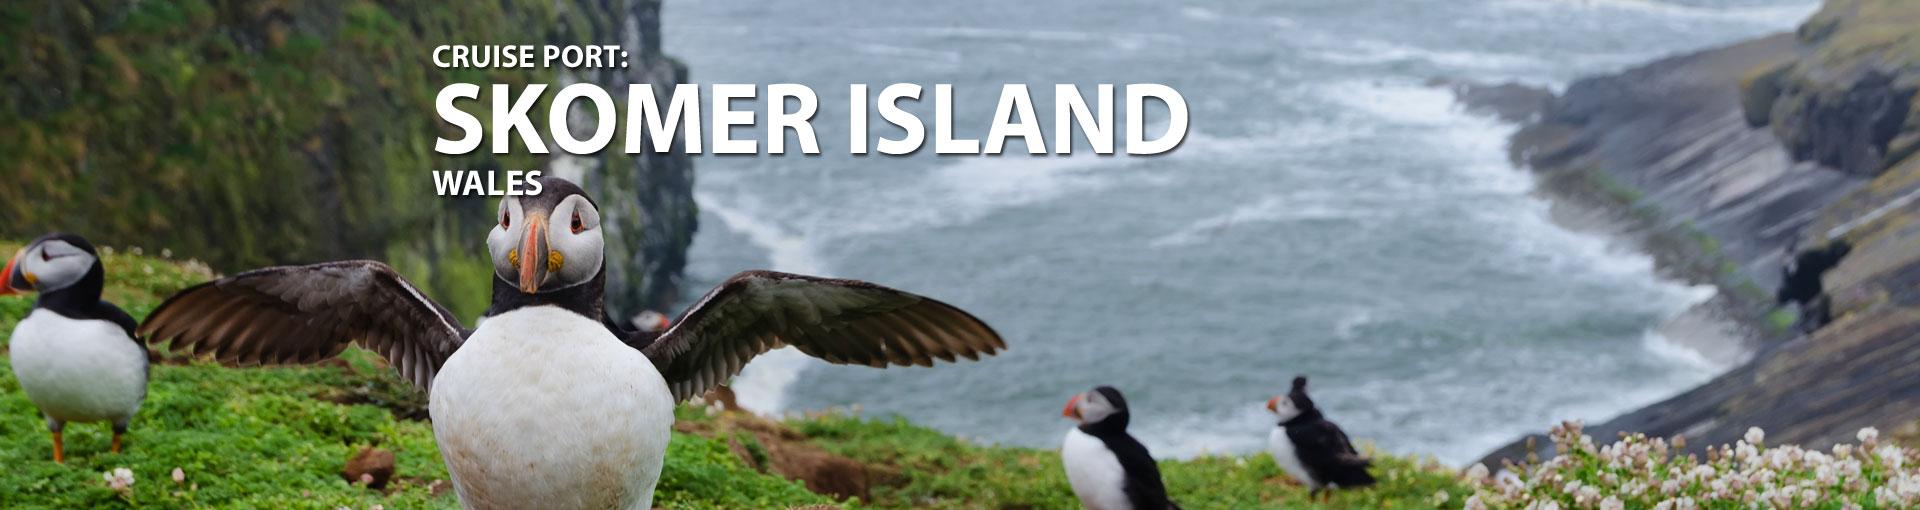 Cruises to Skomer Island, Wales